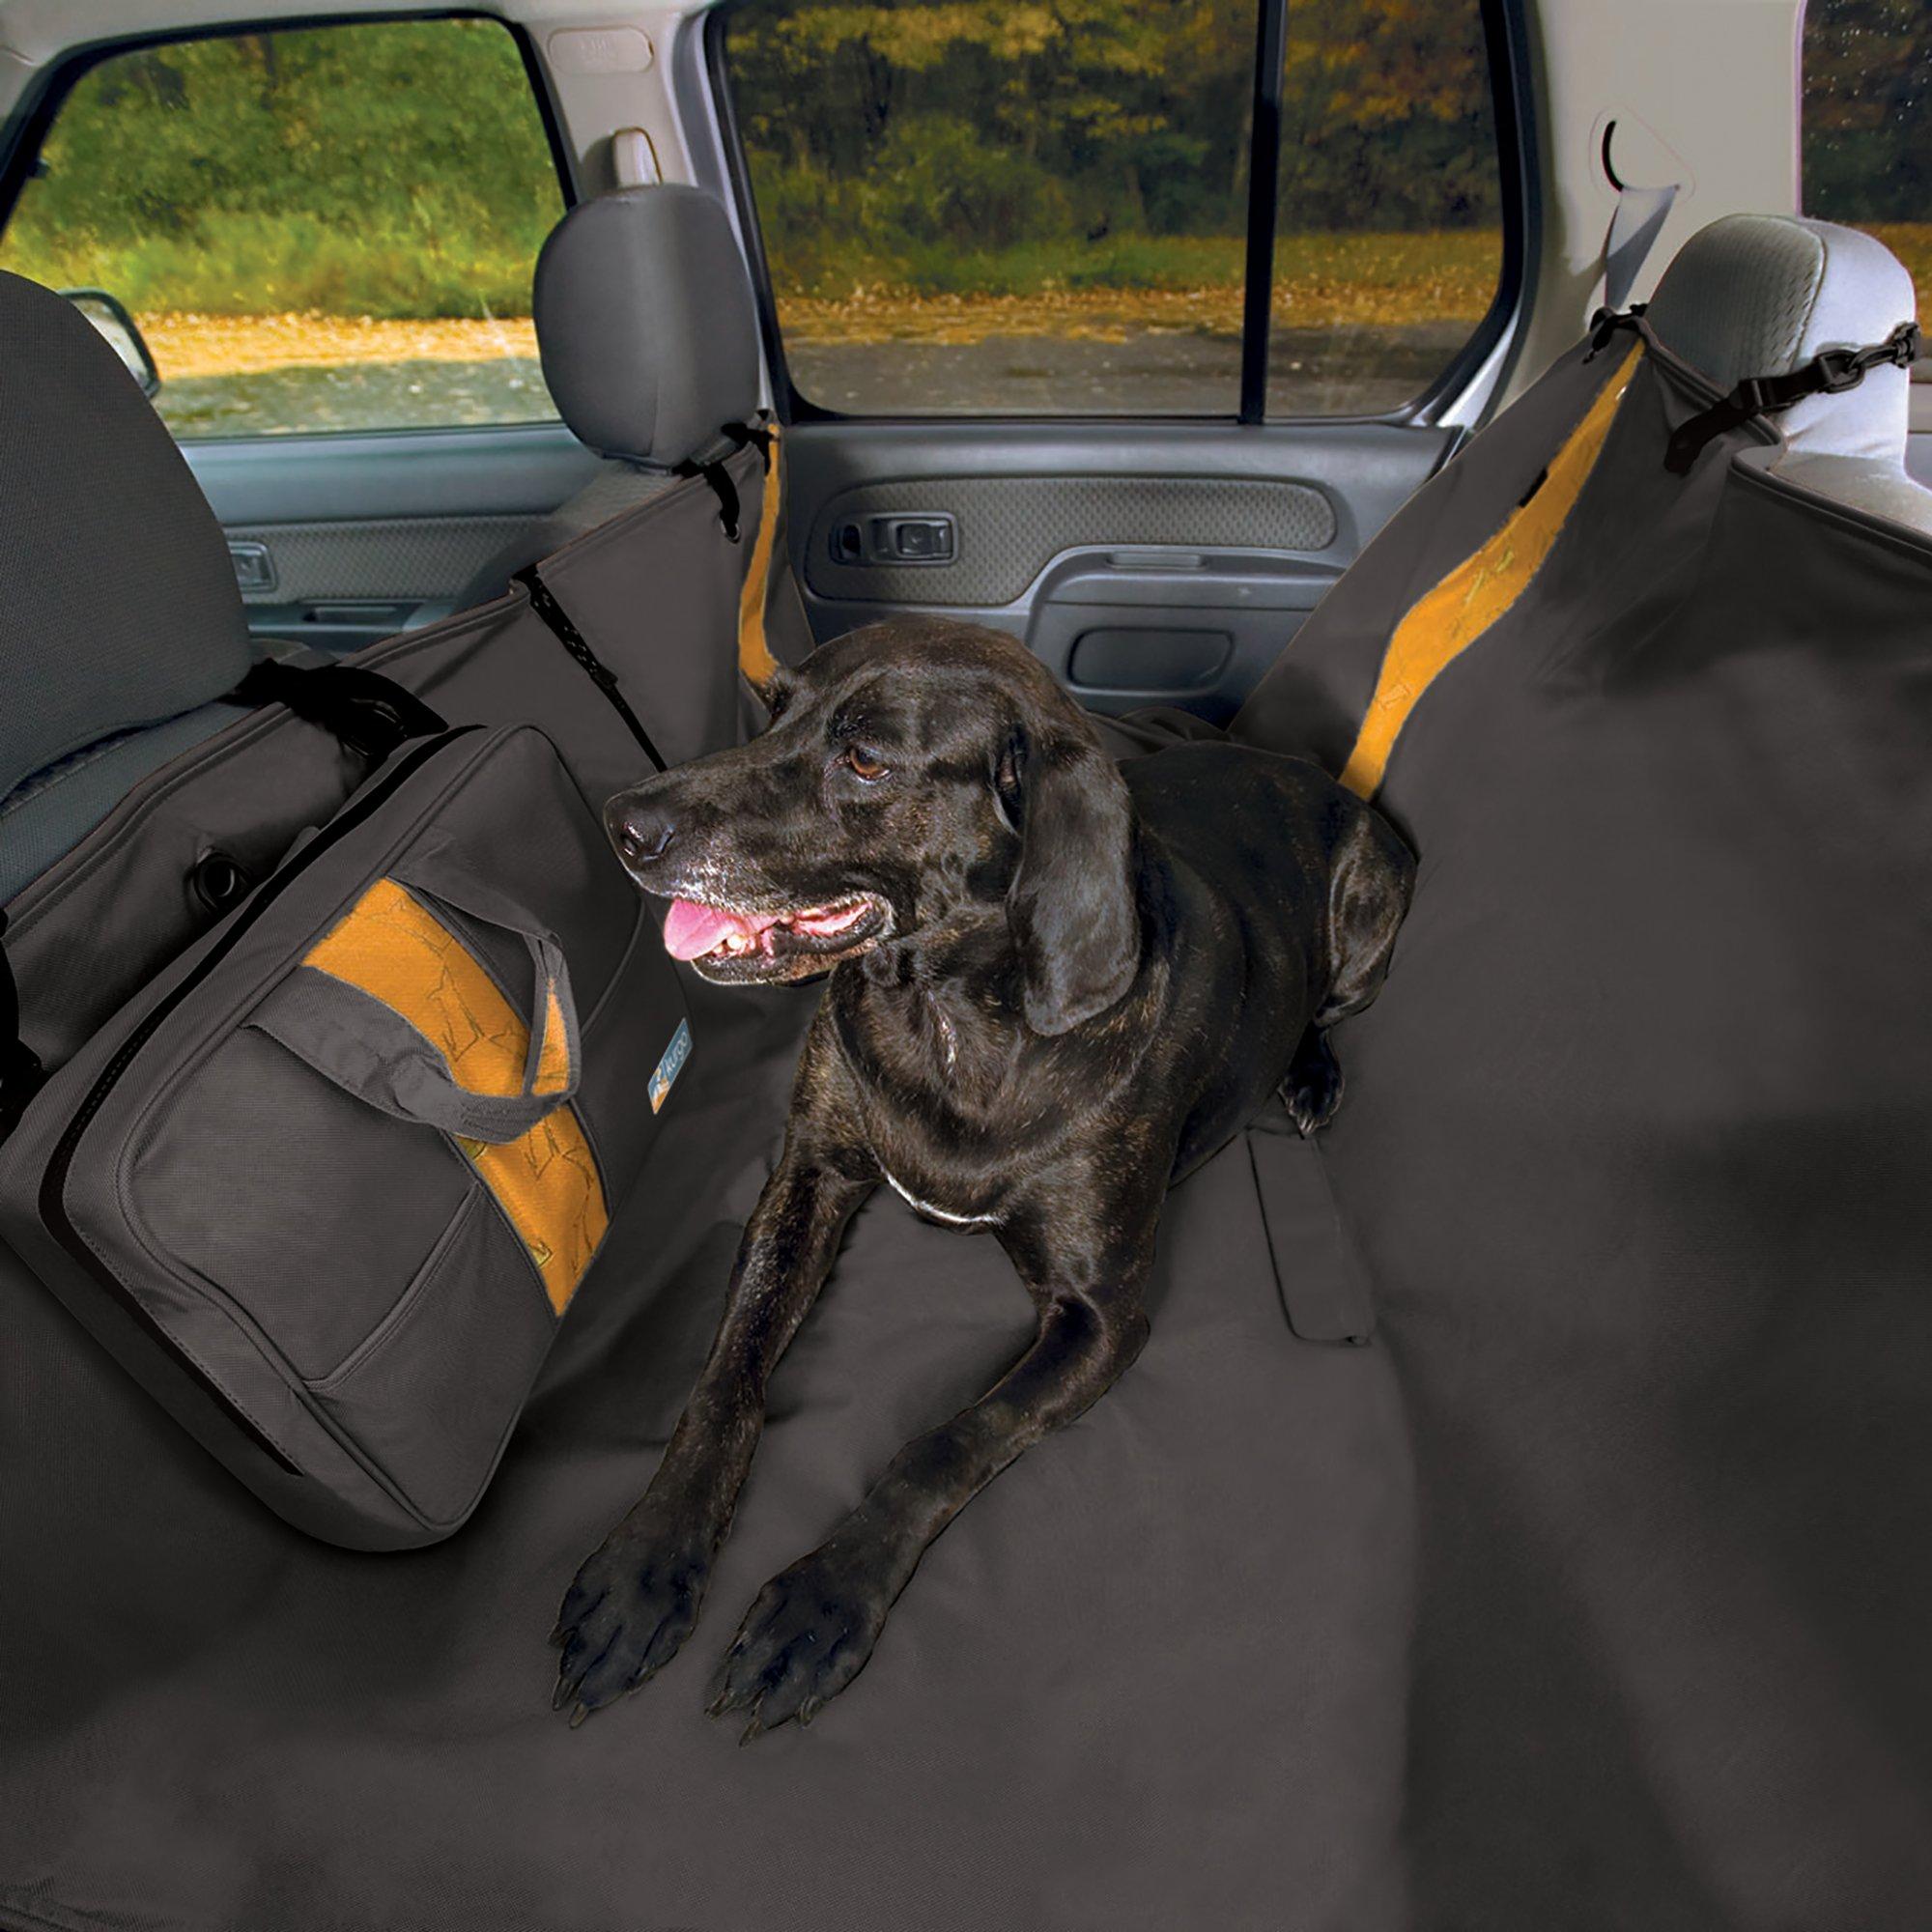 Pet Car Hammock >> Kurgo Wander Hammock Black Dog Car Seat Cover Petco